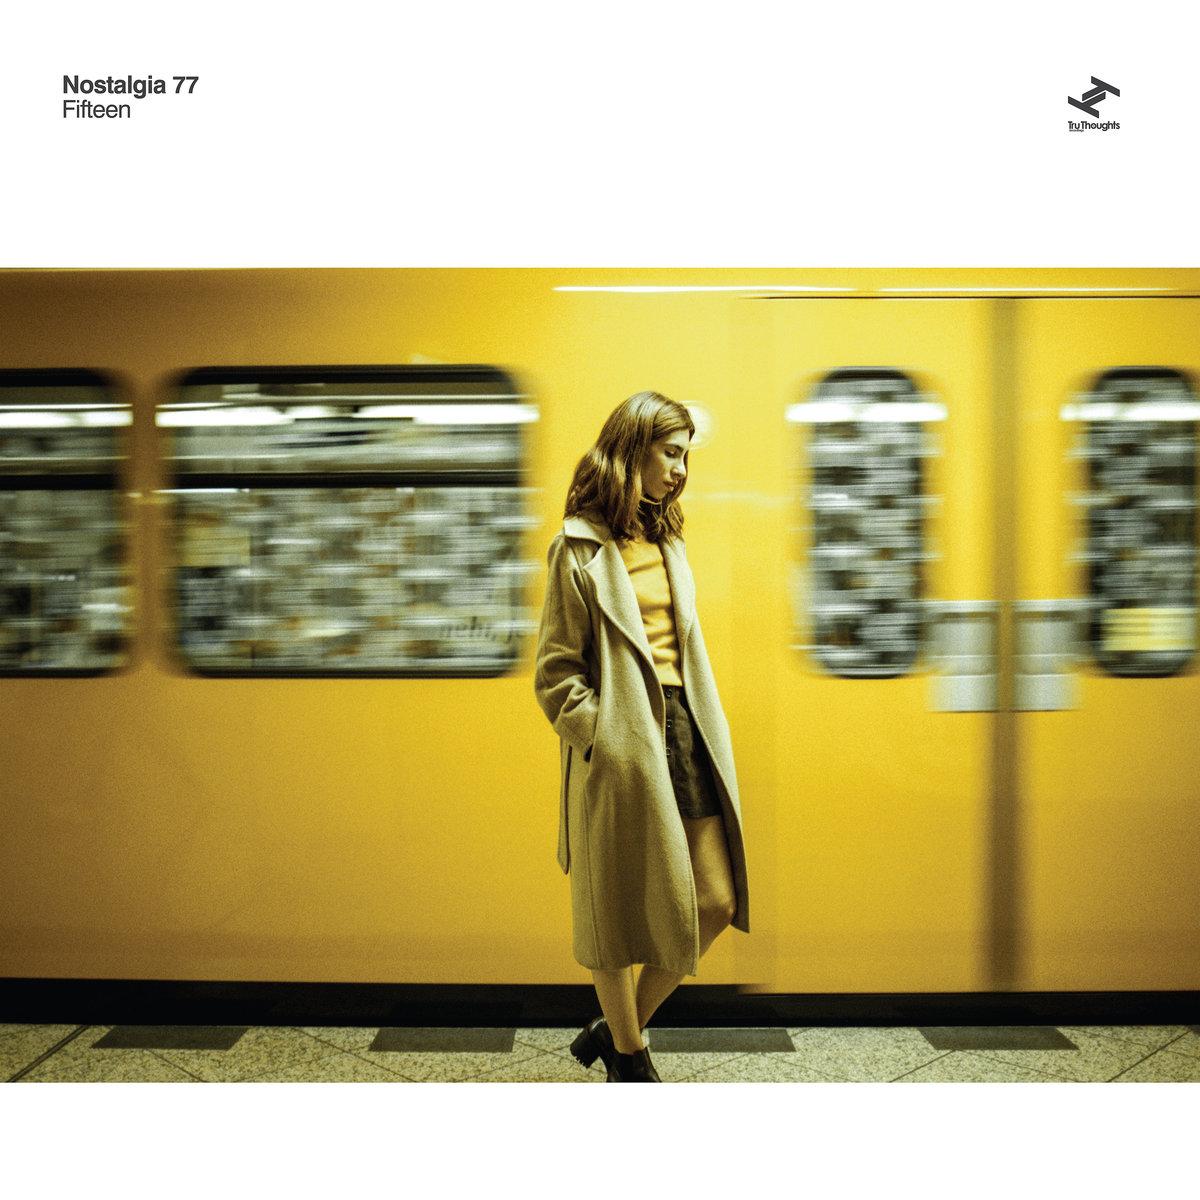 Nostalgia 77 - Fifteen (Best Of)